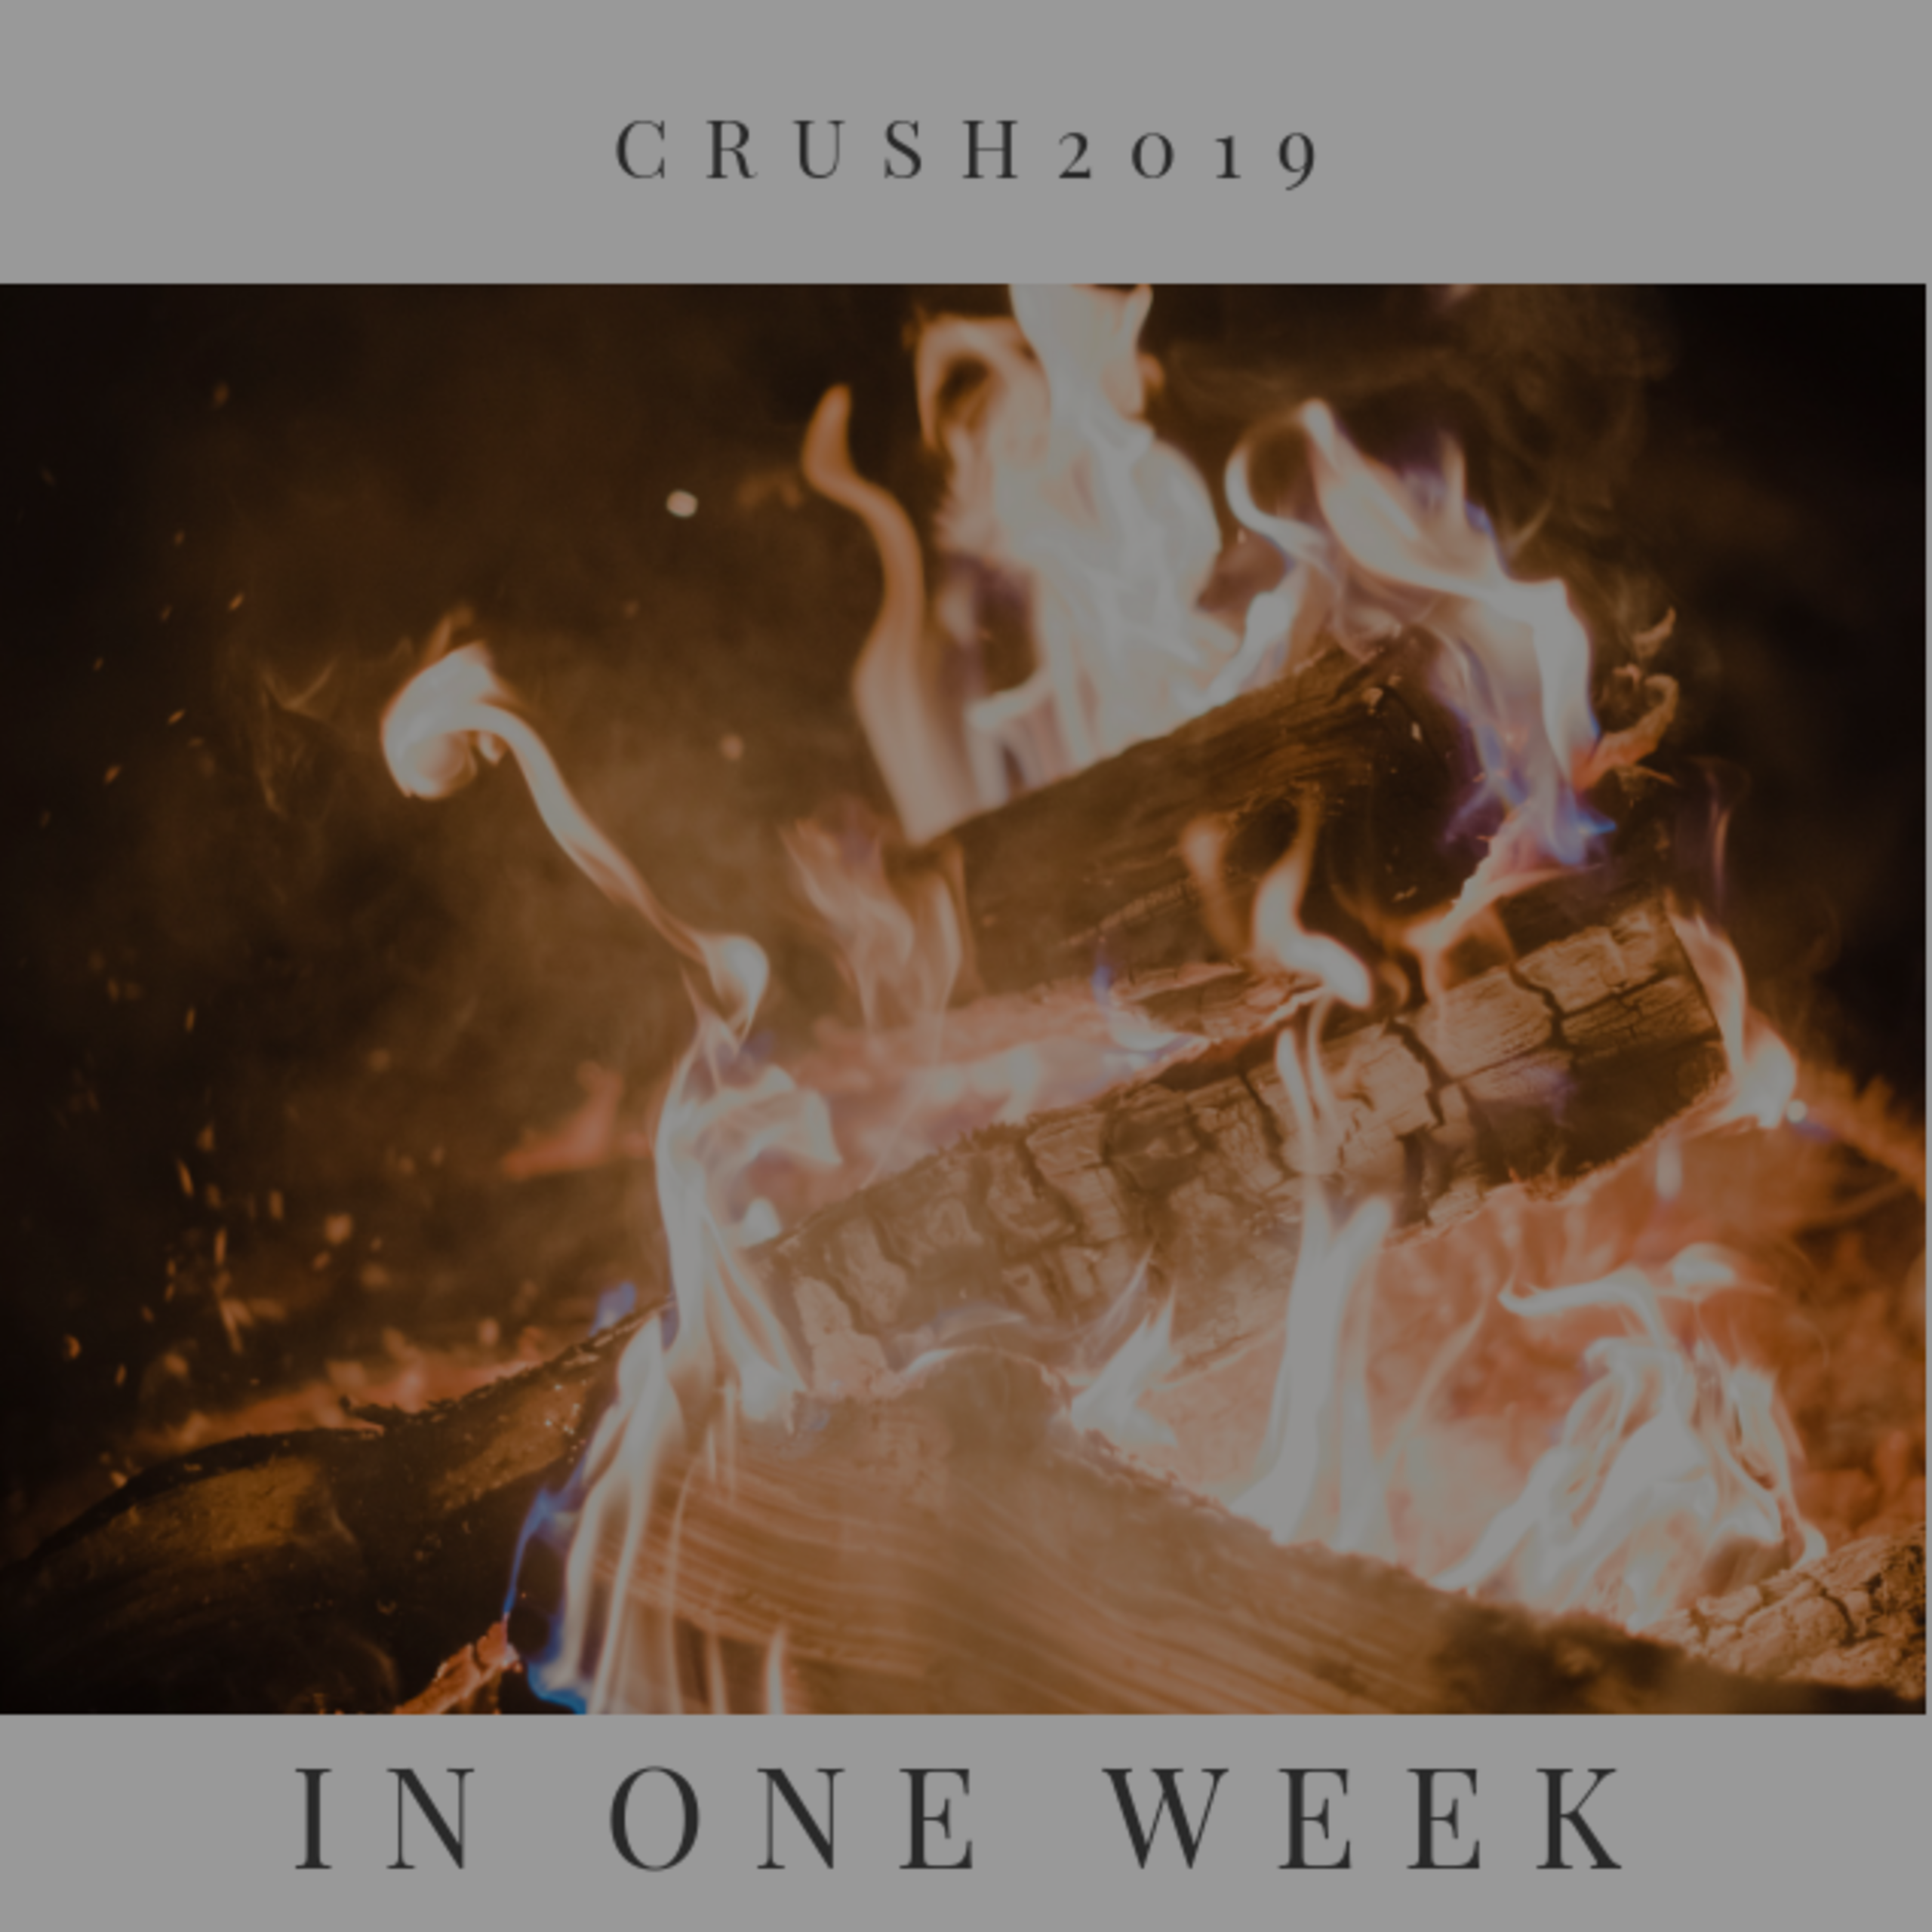 Crush 2019 in One Week